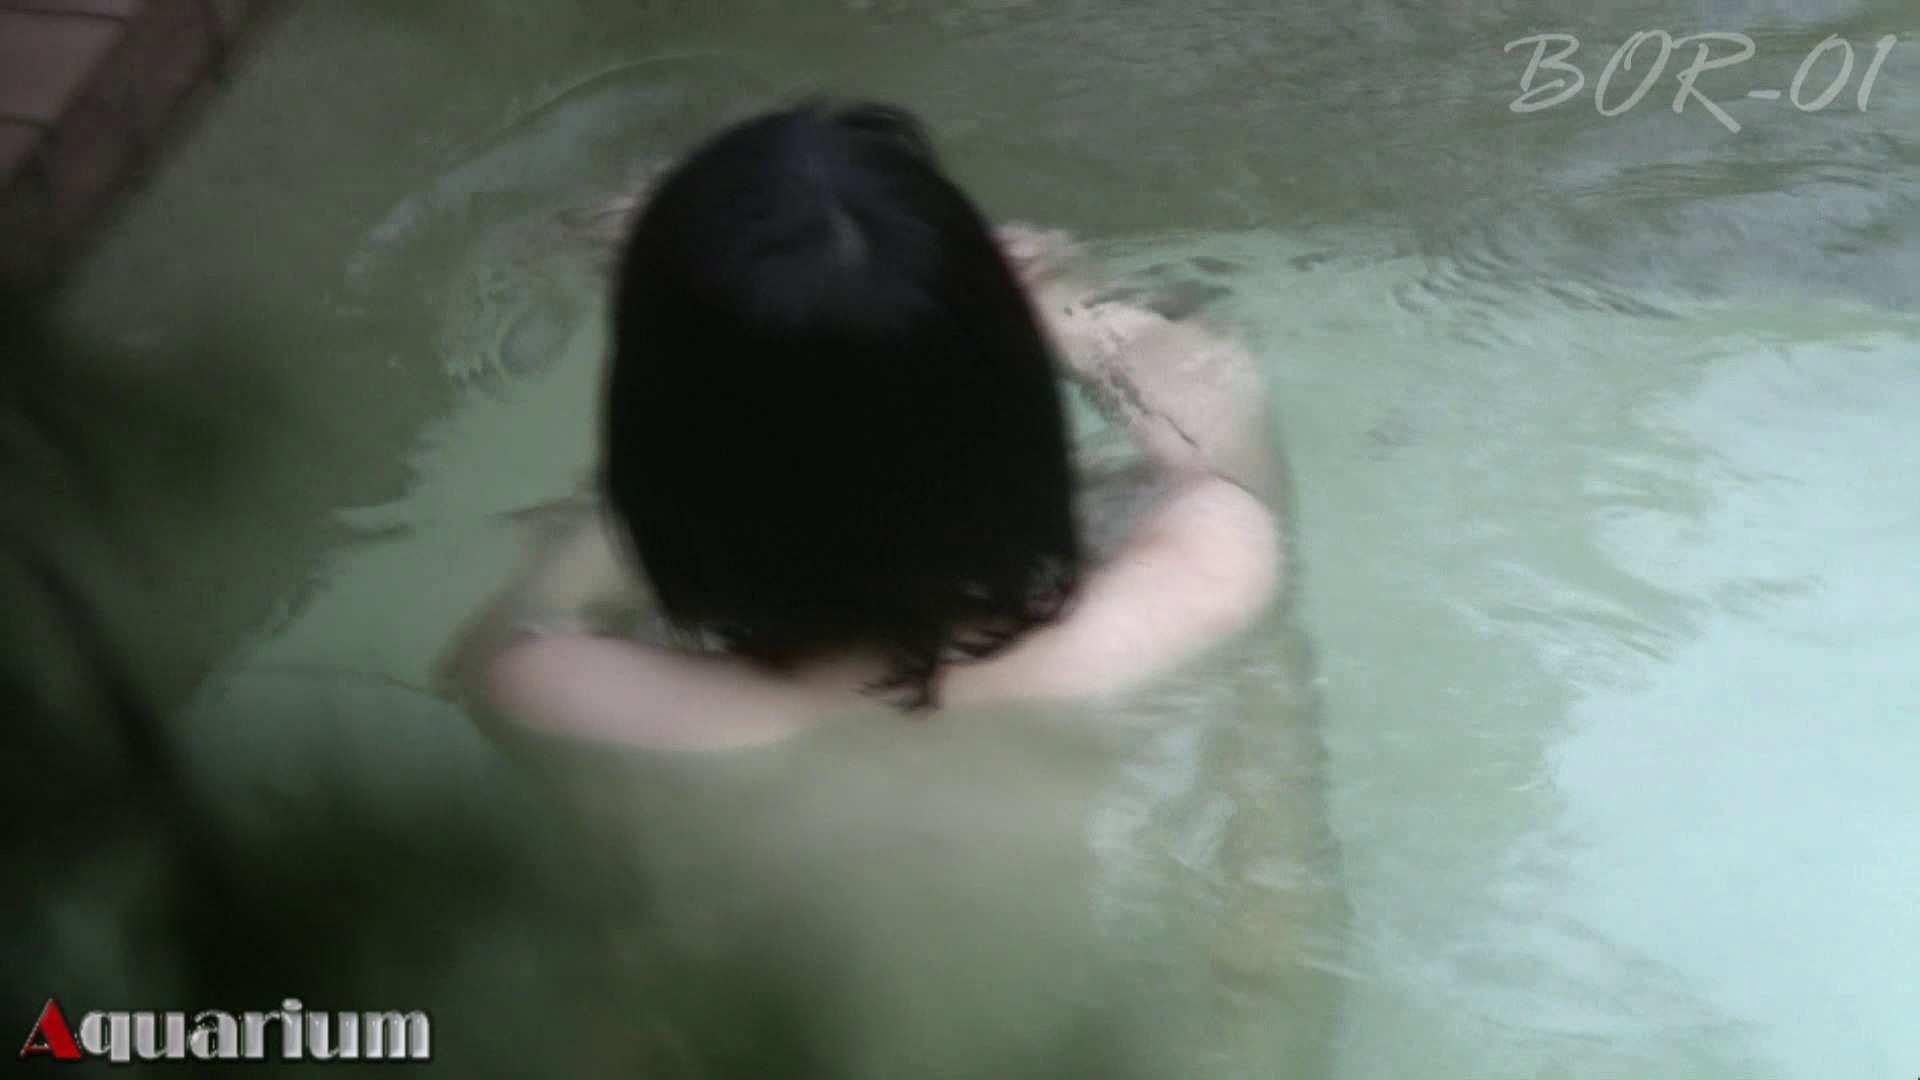 Aquaな露天風呂Vol.466 盗撮 セックス画像 93PICs 44